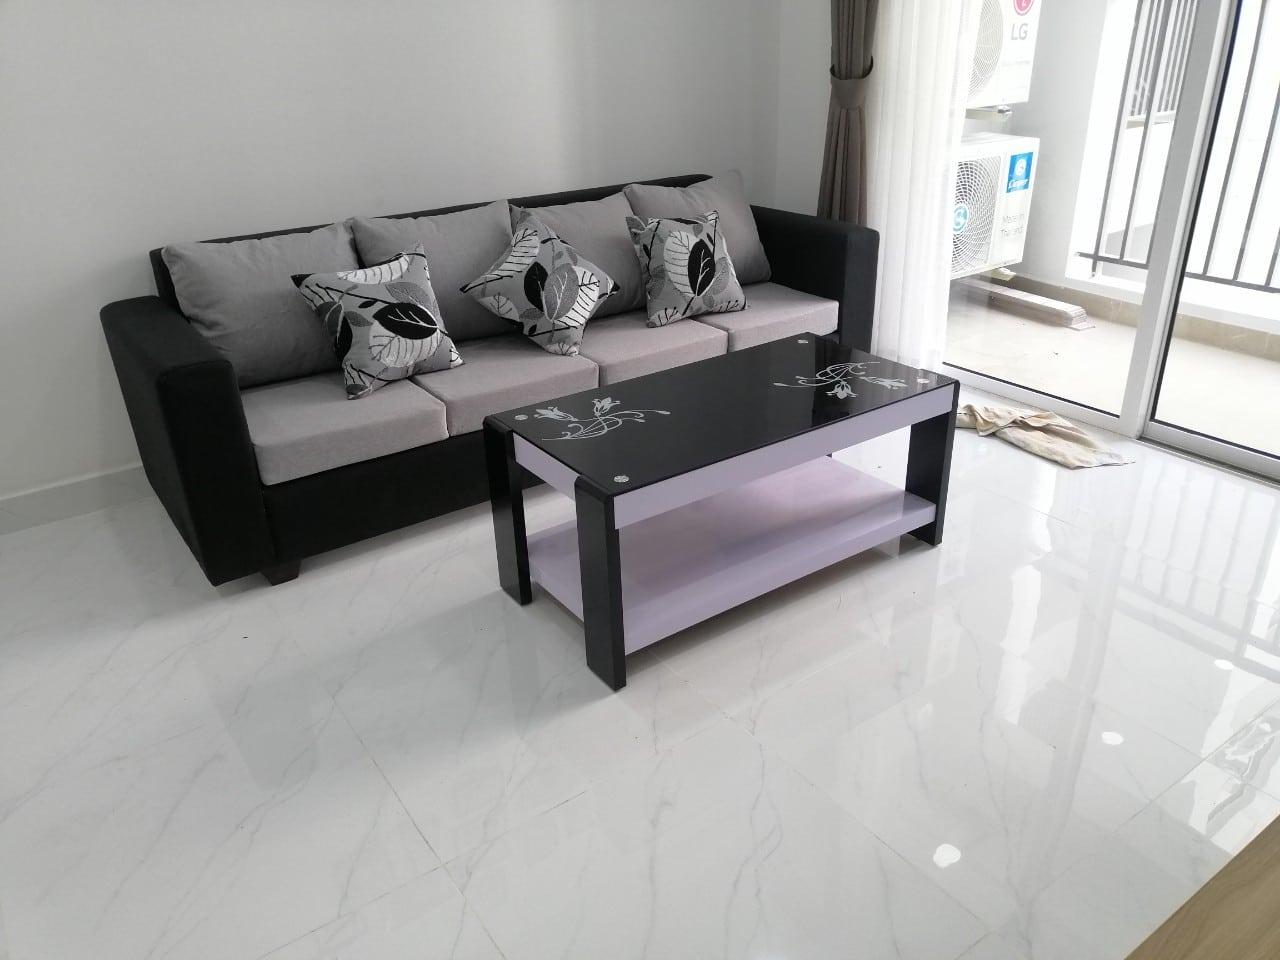 Sofa DG5921 hình bàn giao cho khách hàng